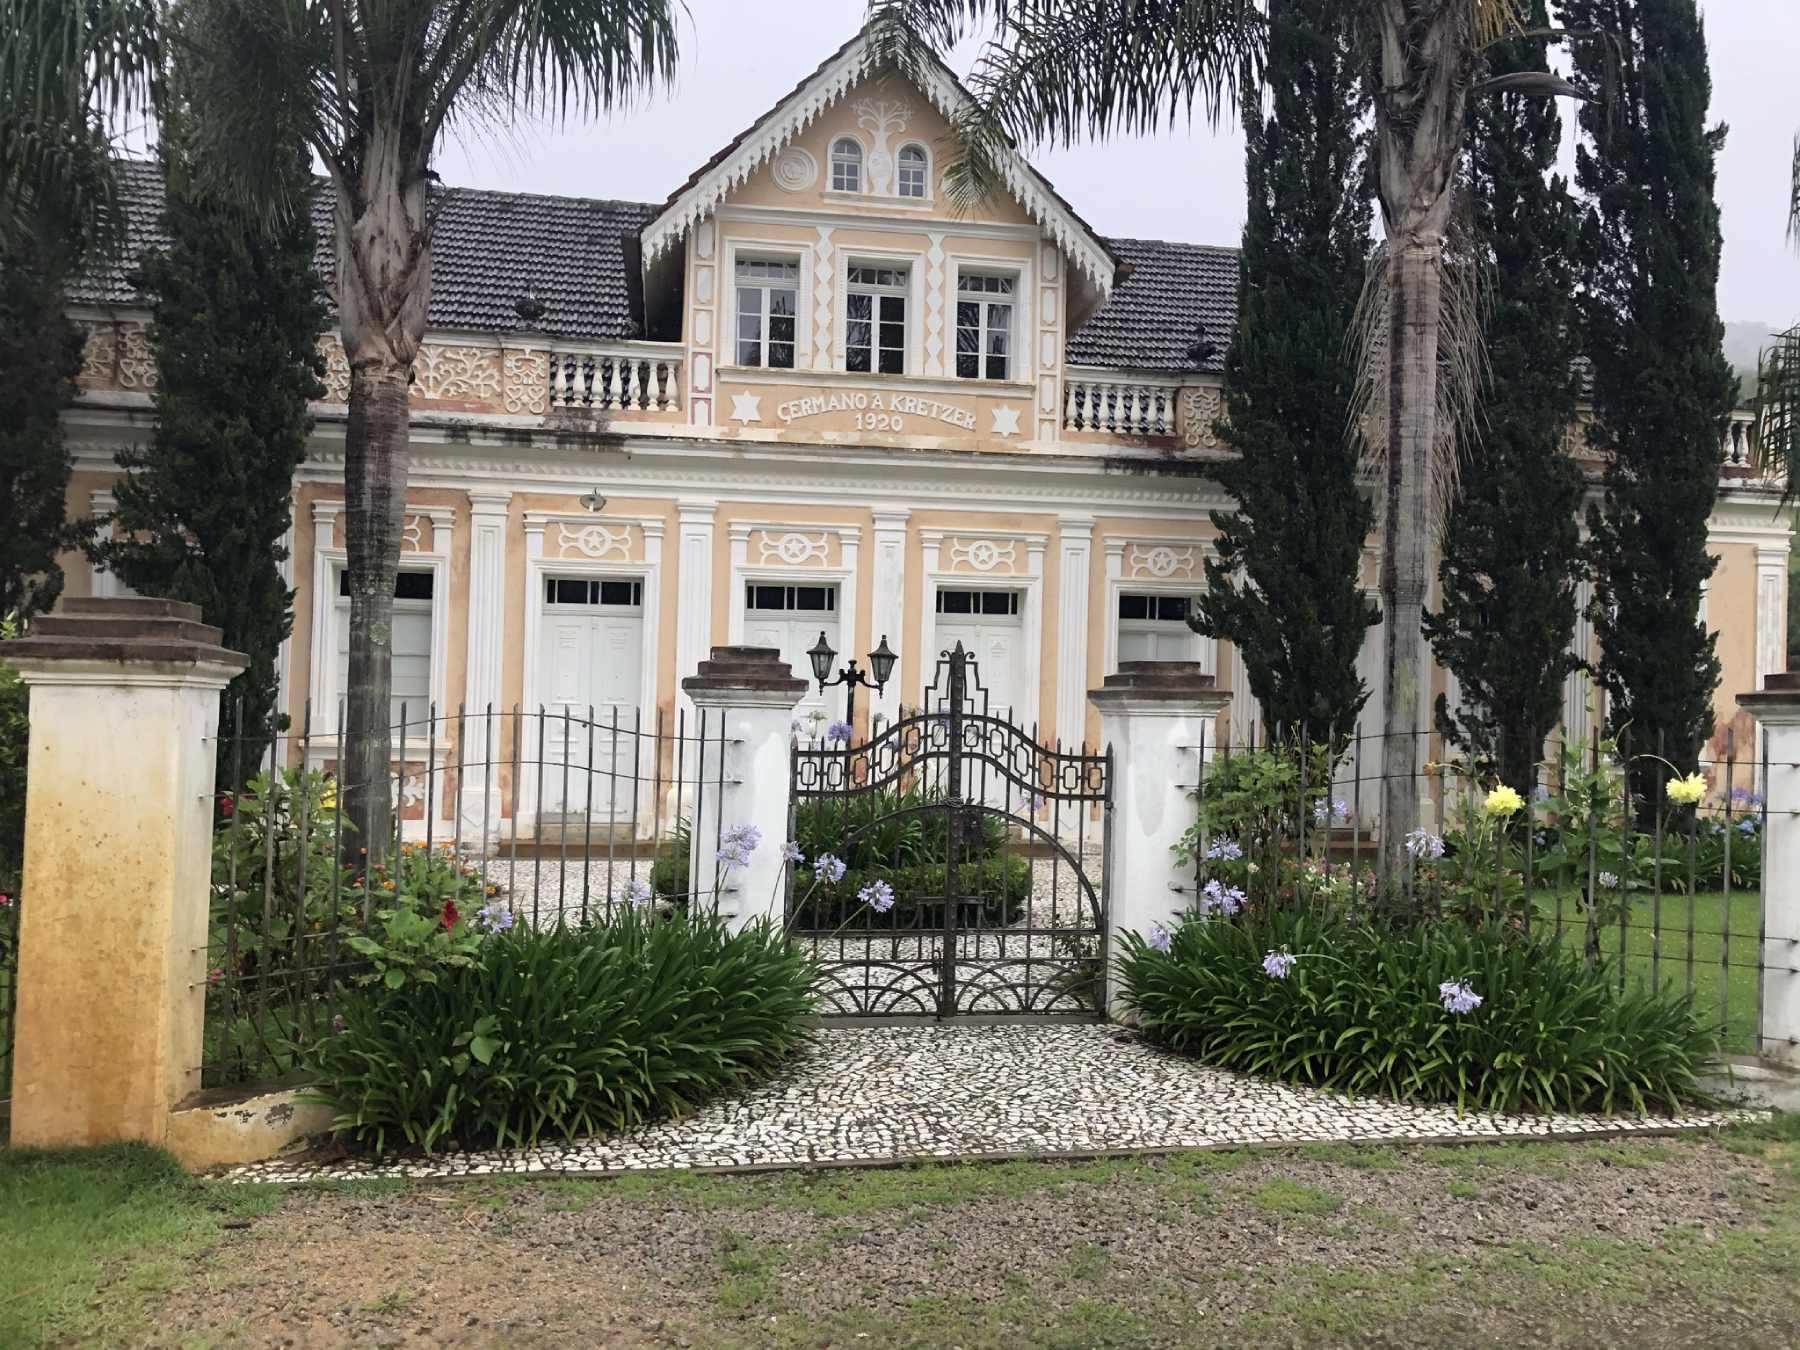 Construções históricas no caminho - Santa Catarina